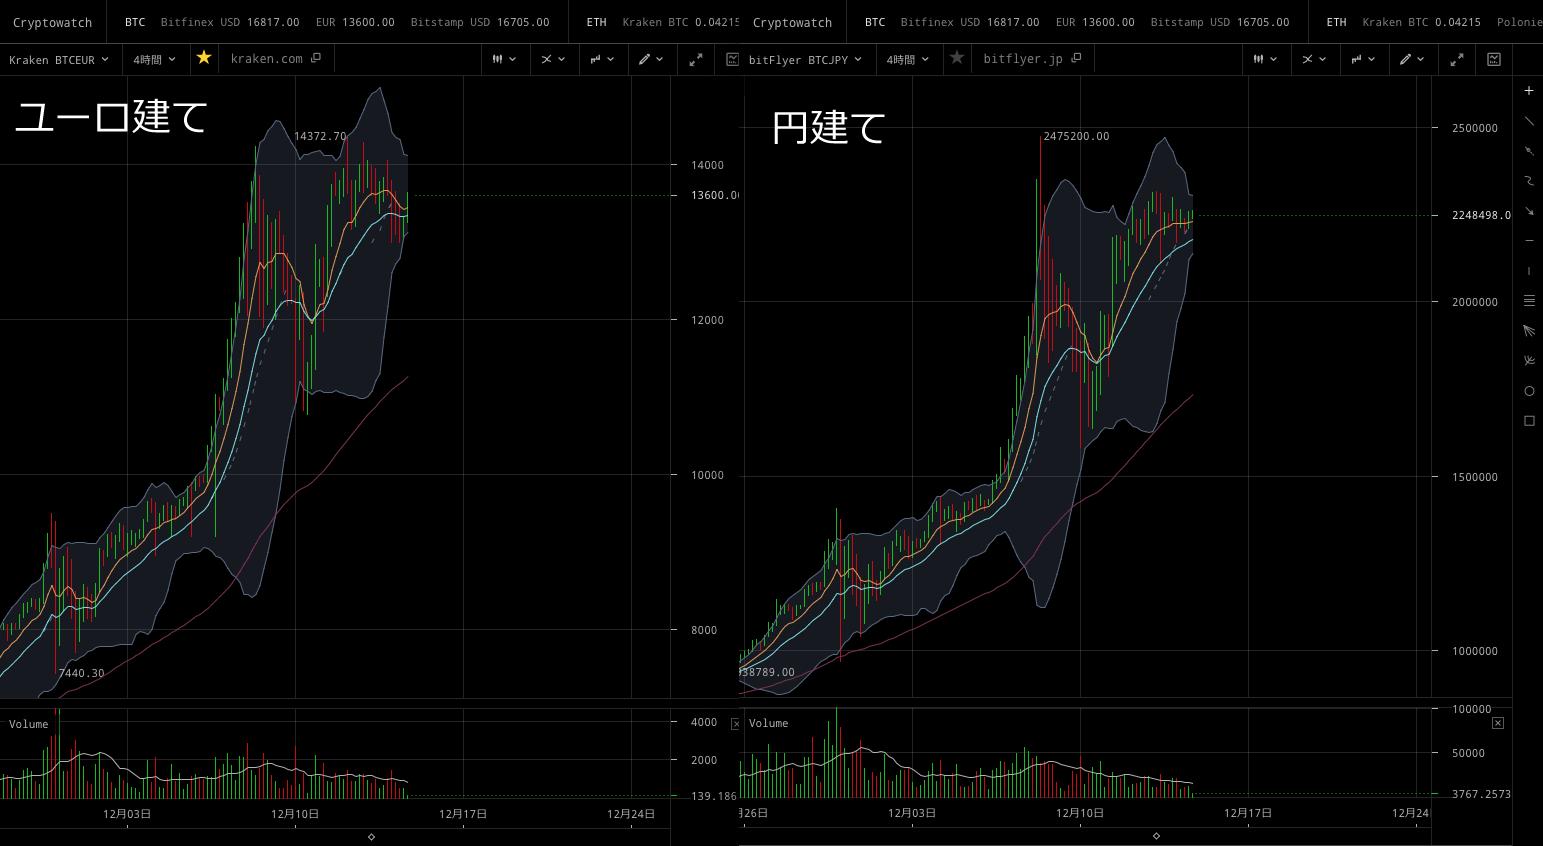 4時間足、ユーロ建てと円建てのチャートの形を比較